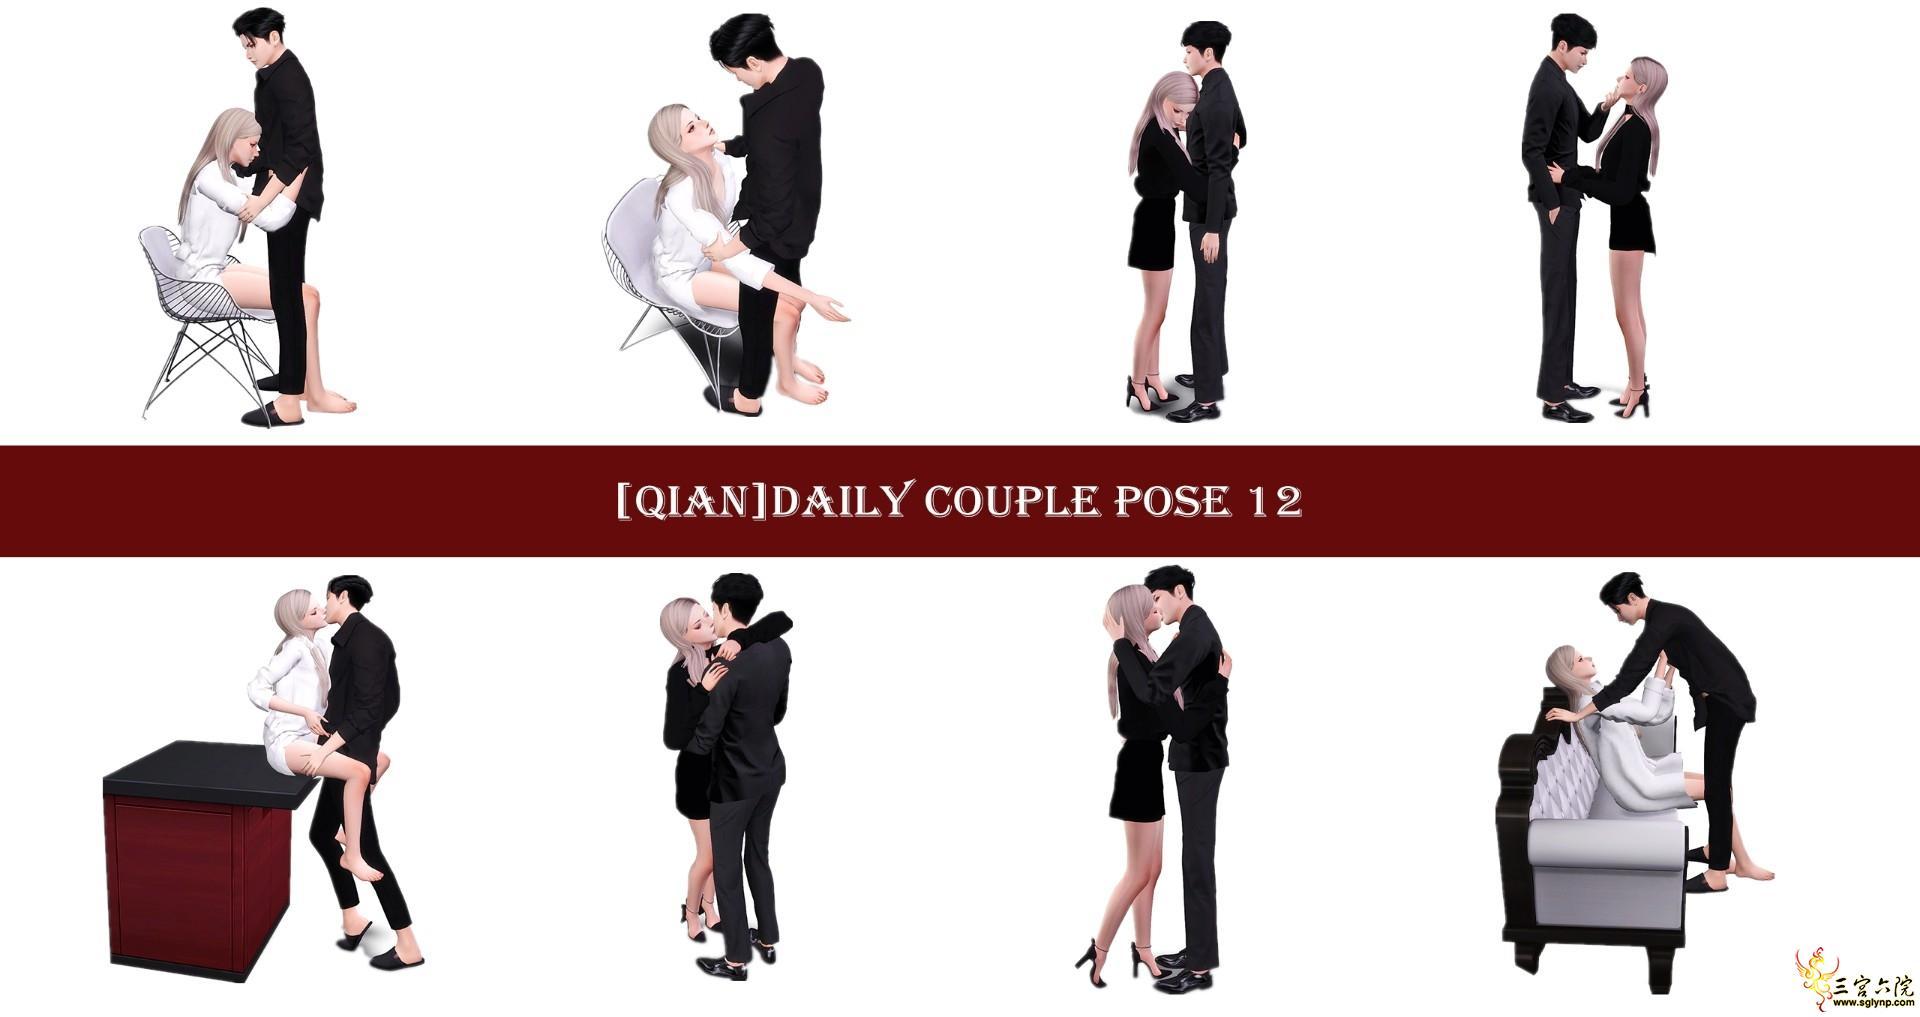 [Qian]Daily Couple pose 12.jpg